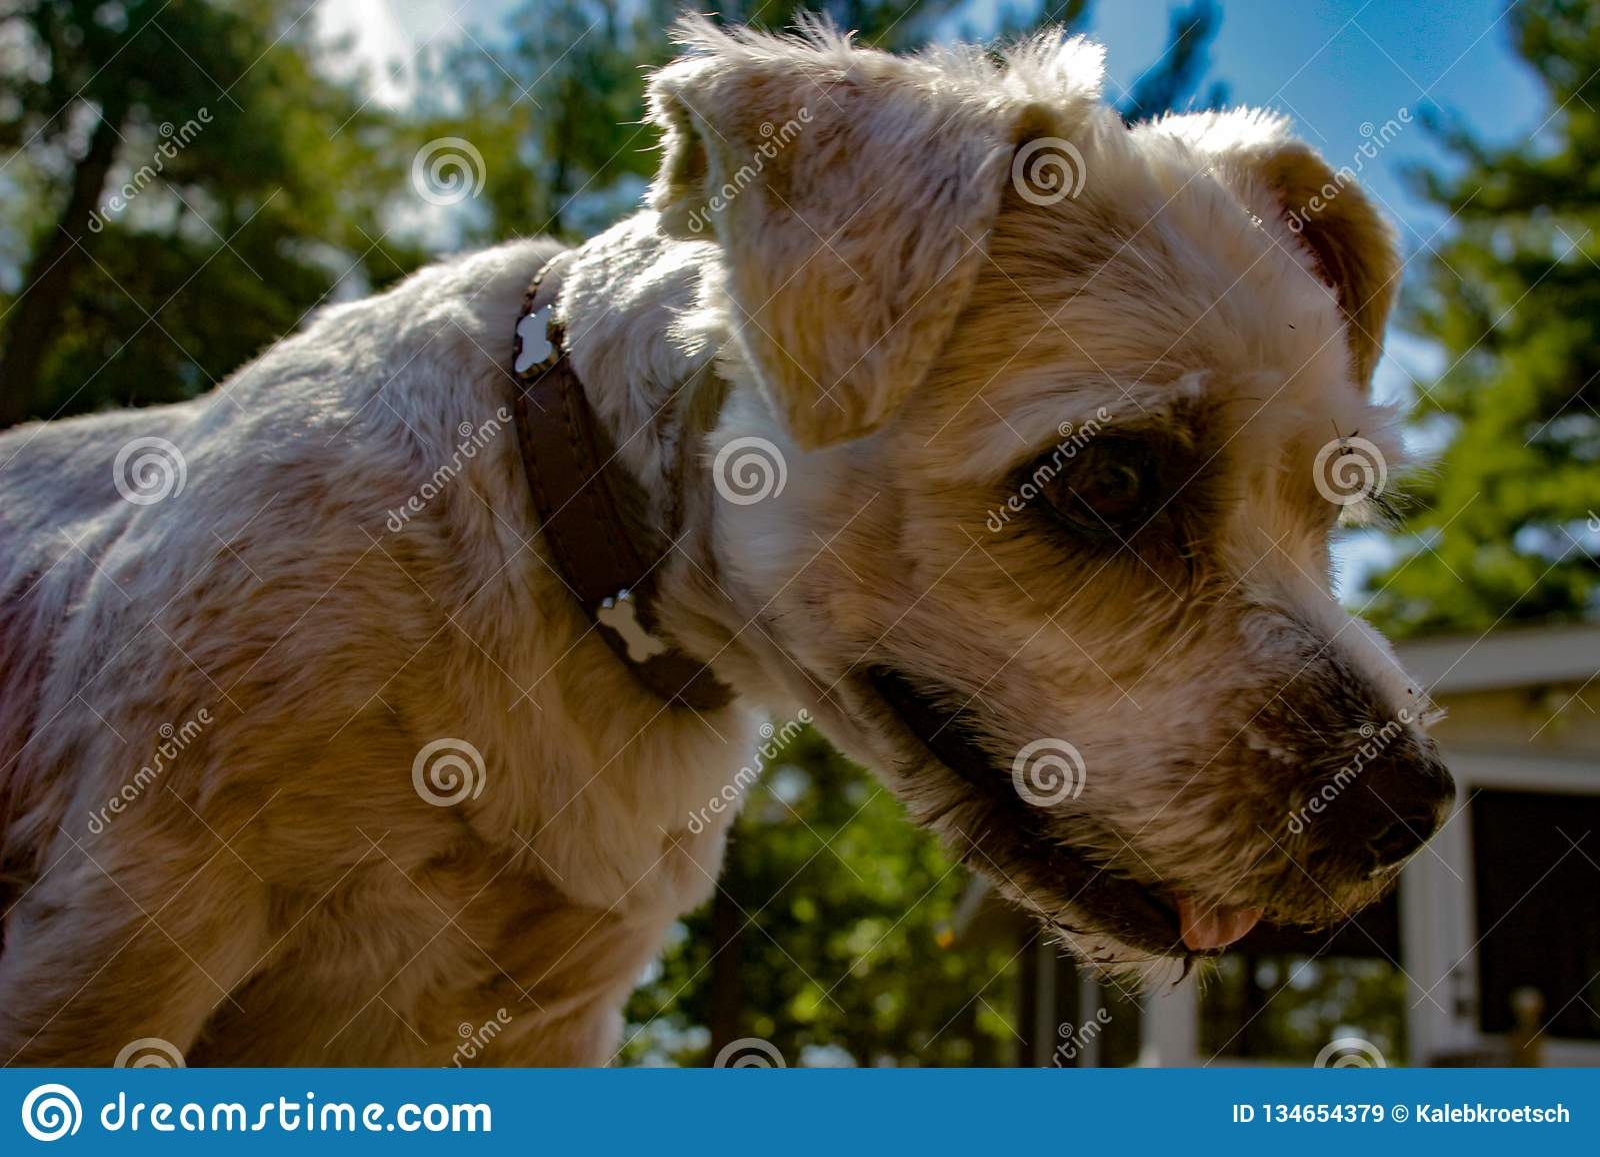 A scruffy Shih Tzu mixed breed dog outdoors